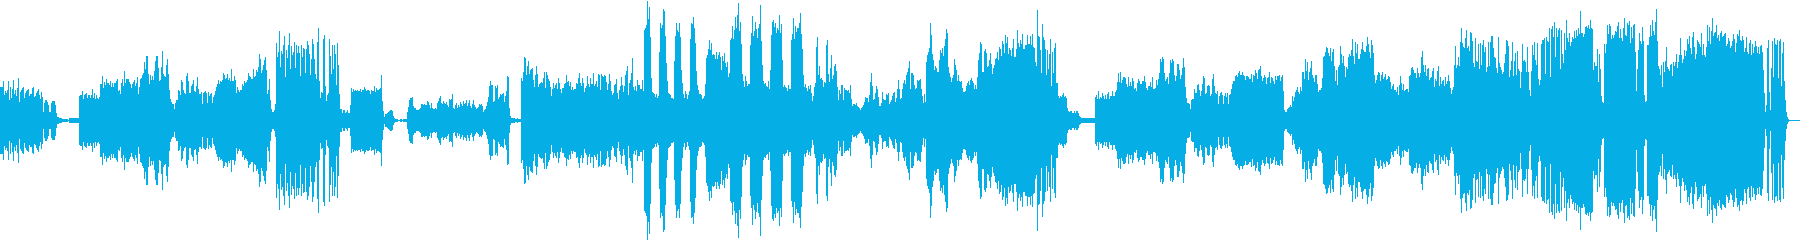 アントニン・ドヴォルザークのカバーの再生済みの波形